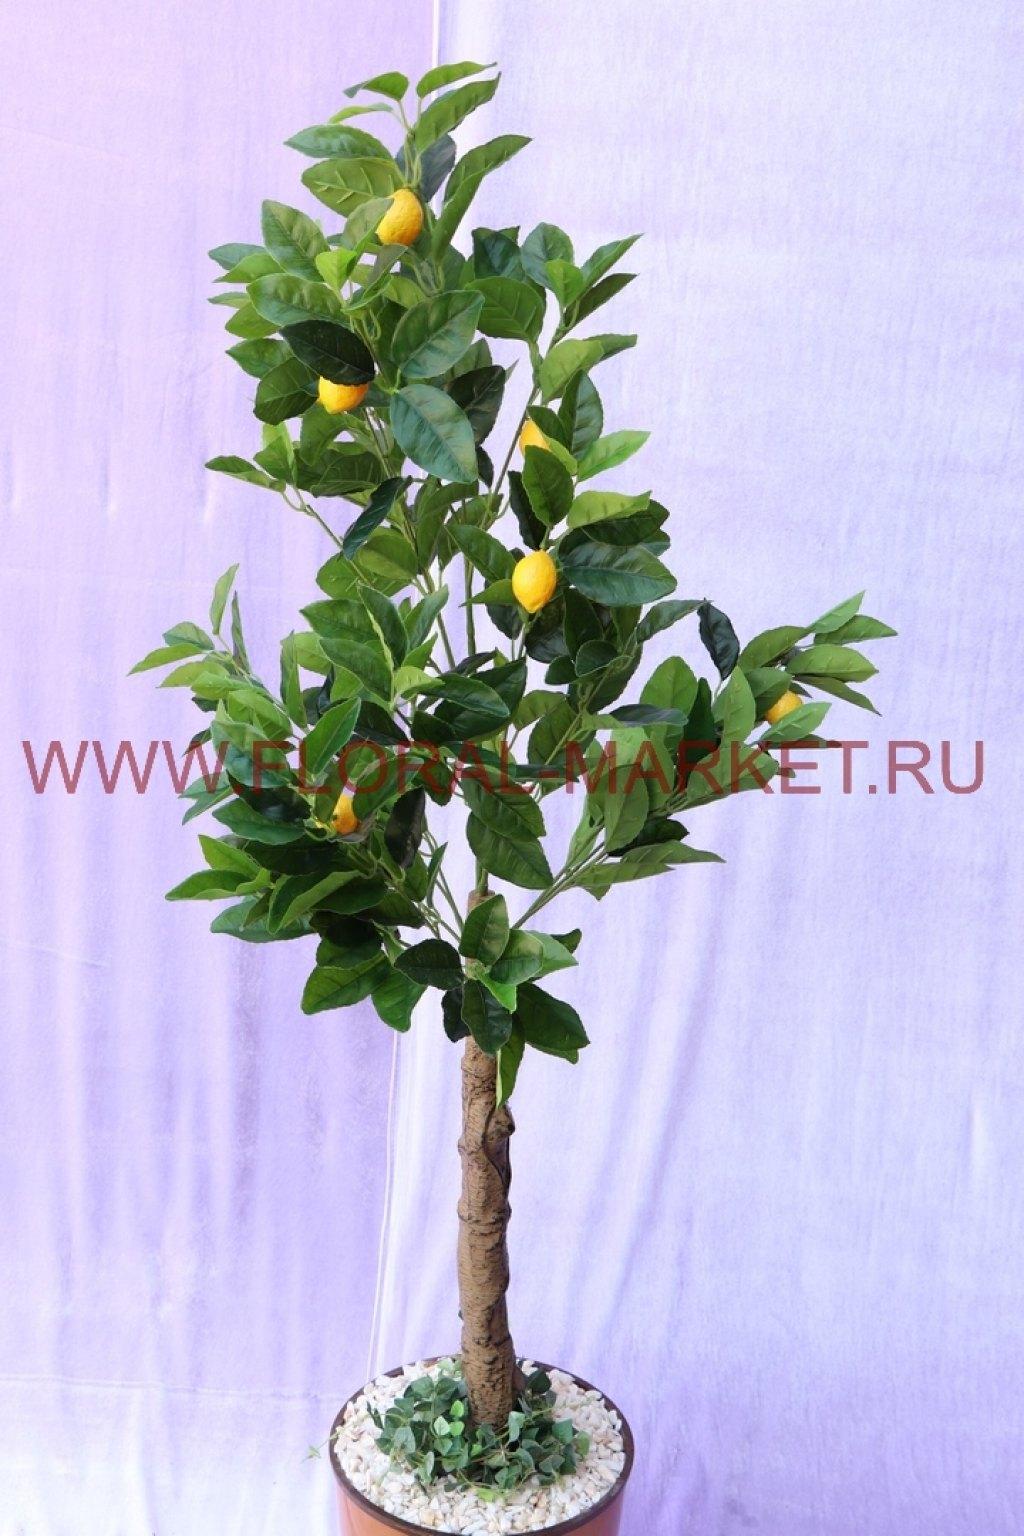 Дерево Лимон малый h=125см.